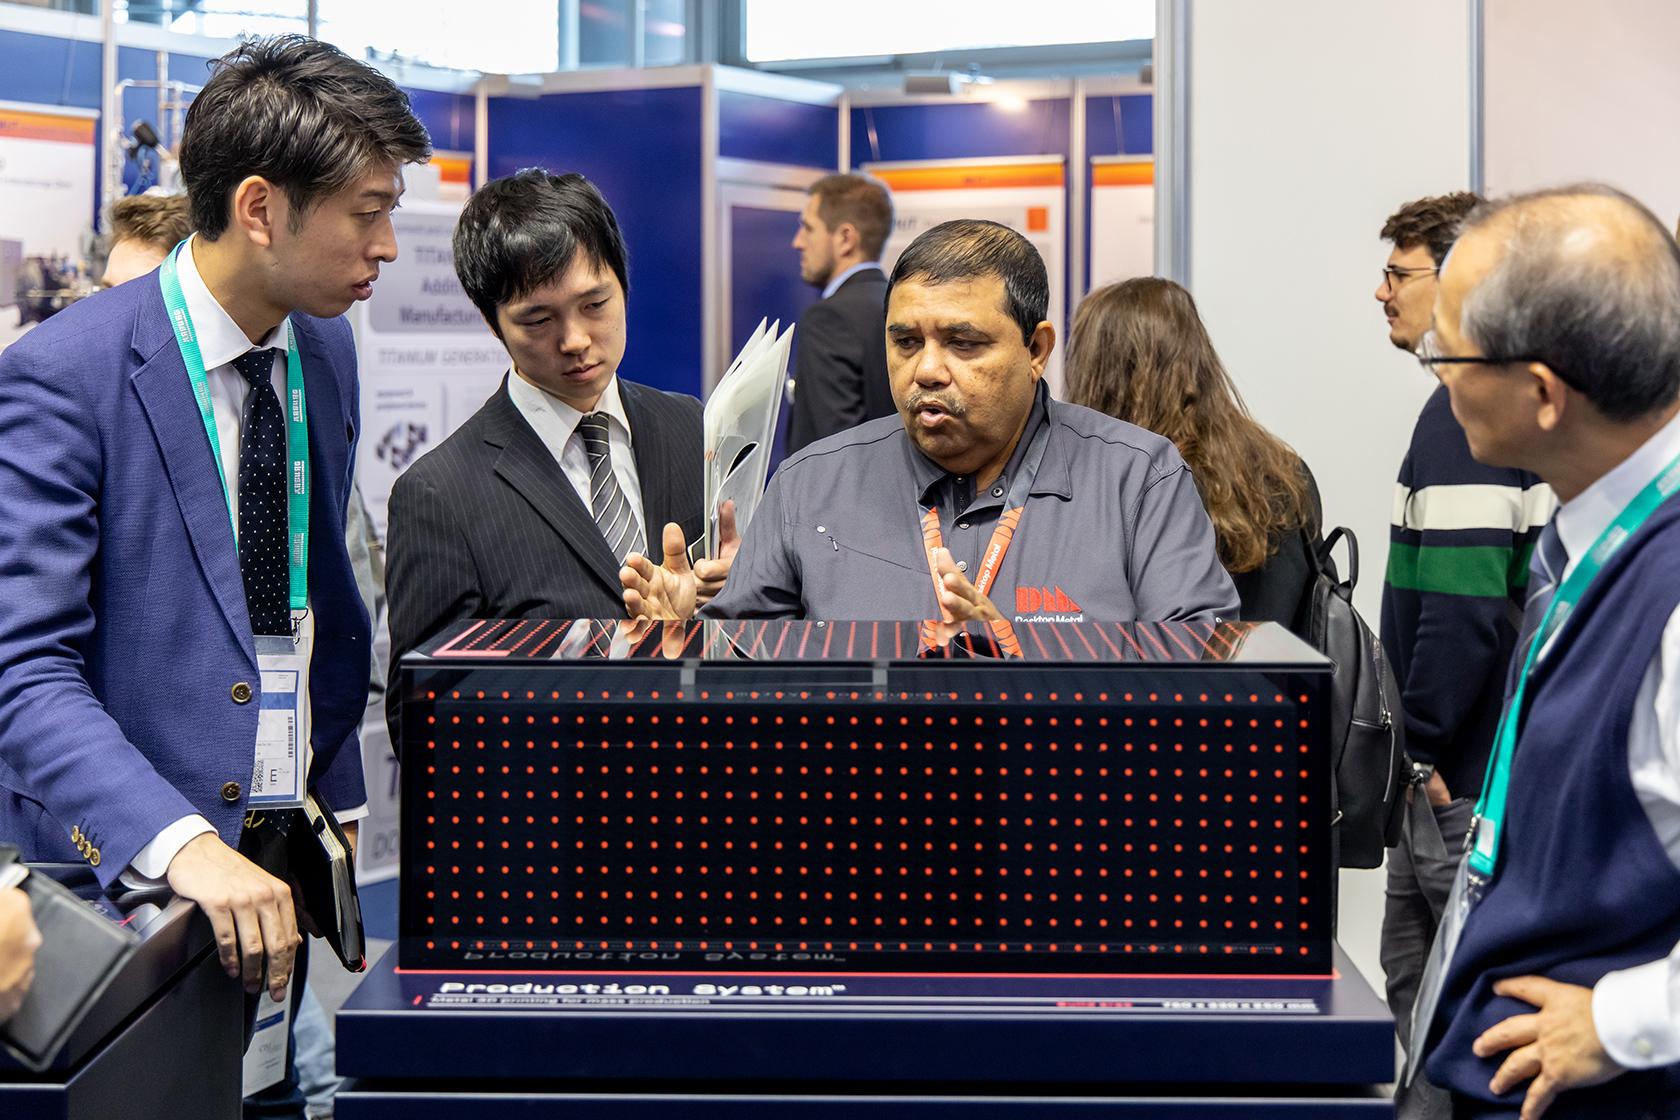 Booth Desktop Metal Formnext 2018 2 I4 A0885